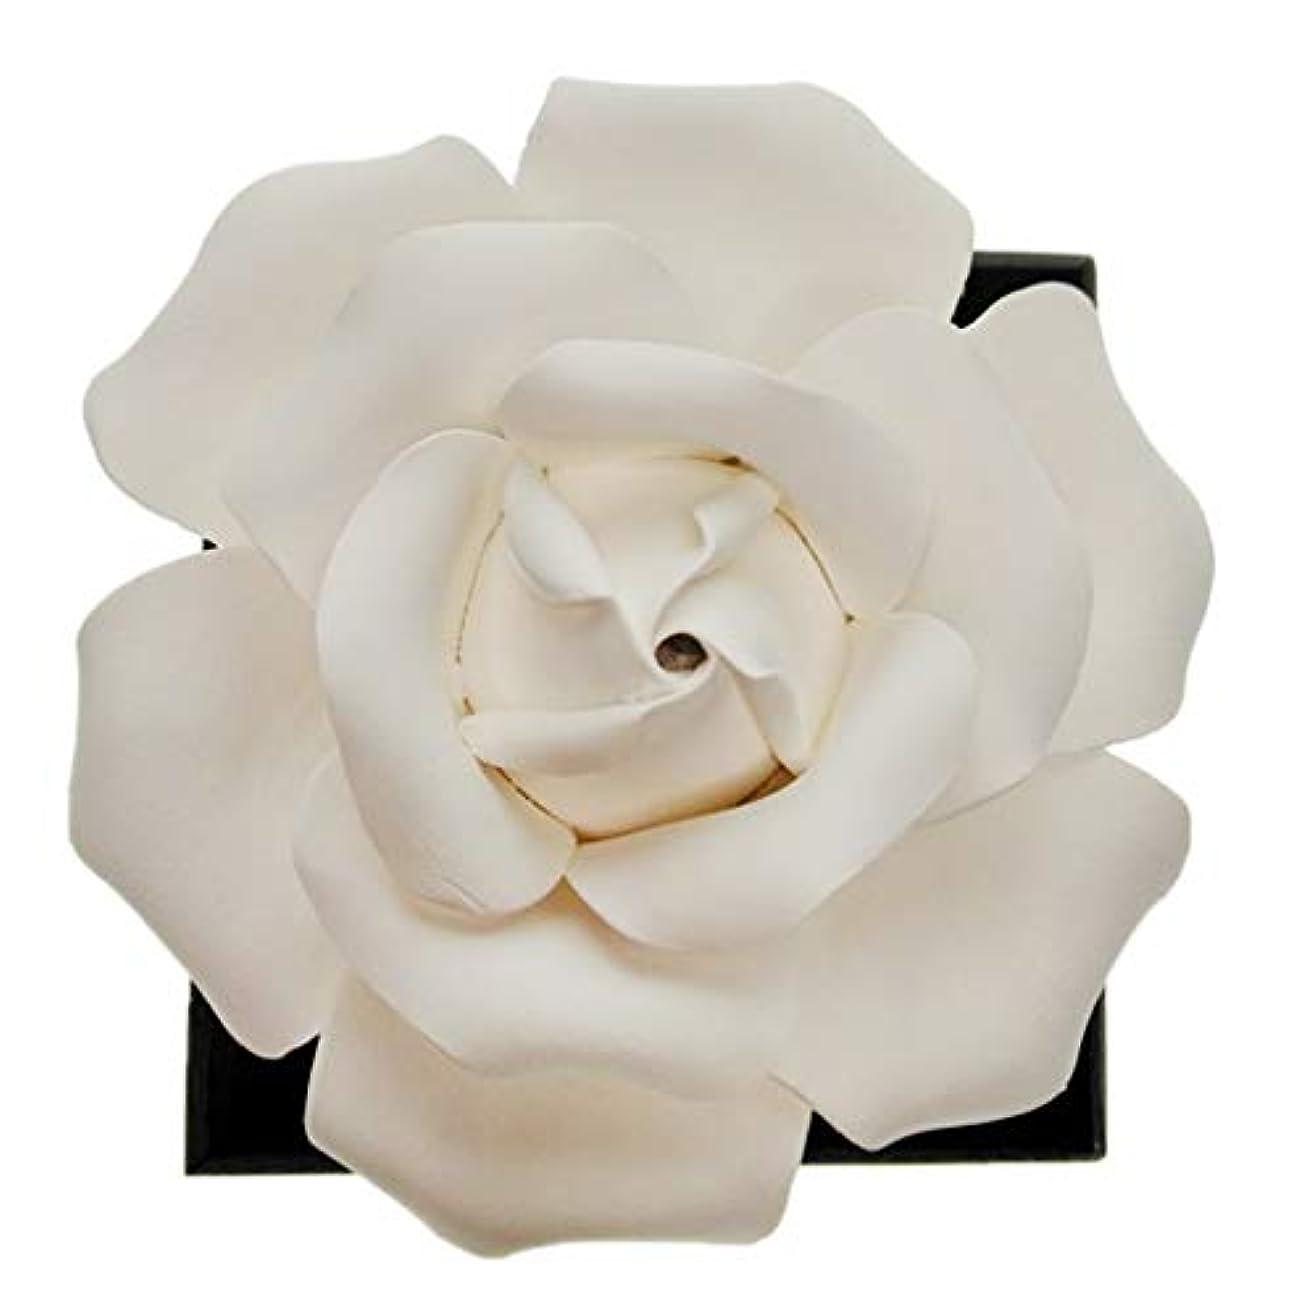 石油間違えた花火B Blesiya ローズフラワー エッセンシャルオイル 香水 香りディフューザー 装飾品 工芸品